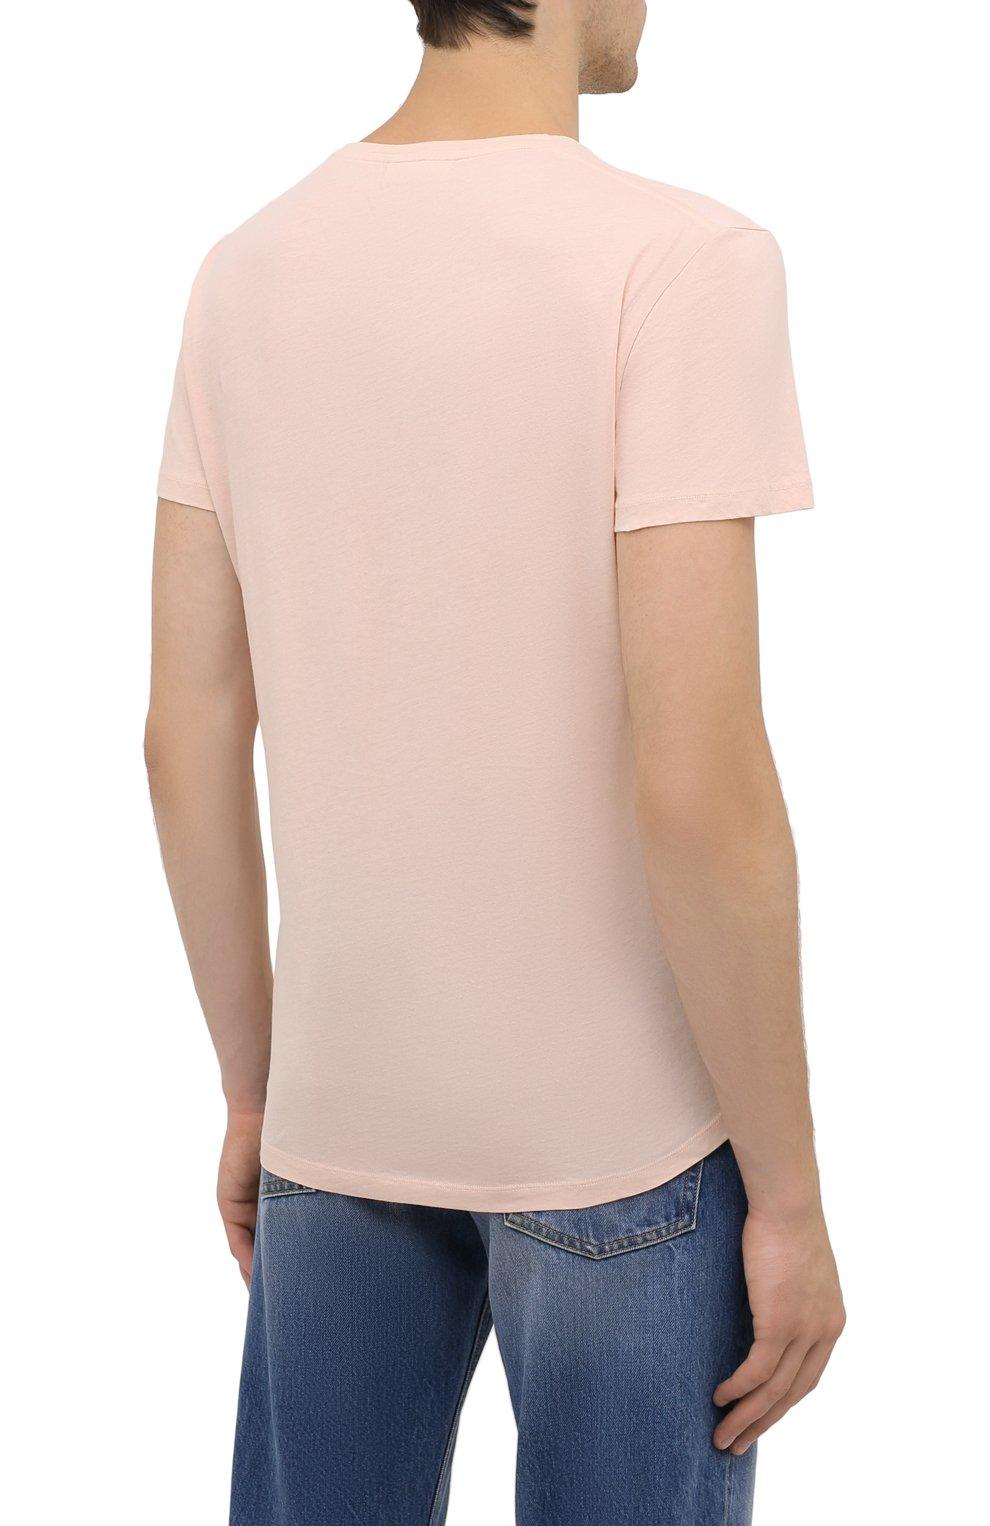 Мужская хлопковая футболка ORLEBAR BROWN бежевого цвета, арт. 274181 | Фото 4 (Кросс-КТ: Пляж; Принт: Без принта; Рукава: Короткие; Длина (для топов): Стандартные; Материал внешний: Хлопок; Стили: Кэжуэл)